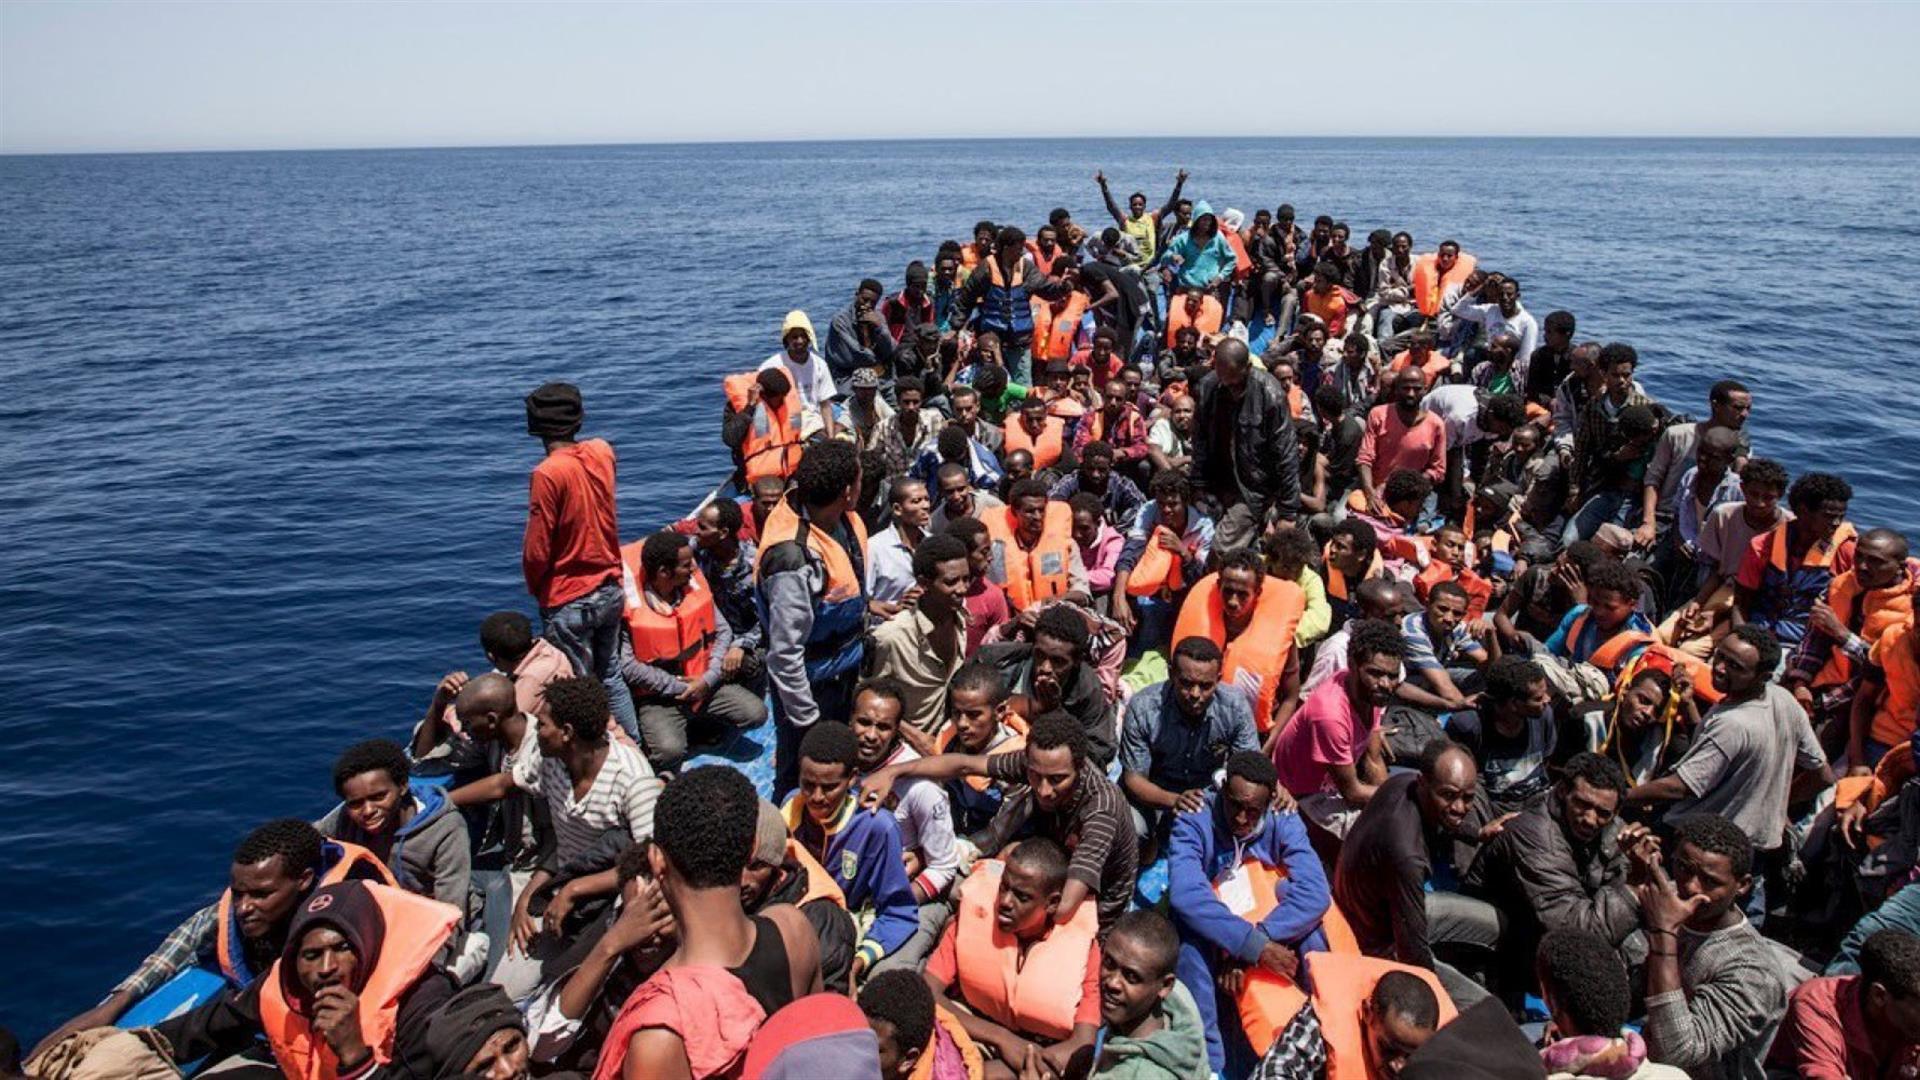 Quasi il 60% dei migranti è contrario al vaccino anti-Covid e non ha intenzione di farlo